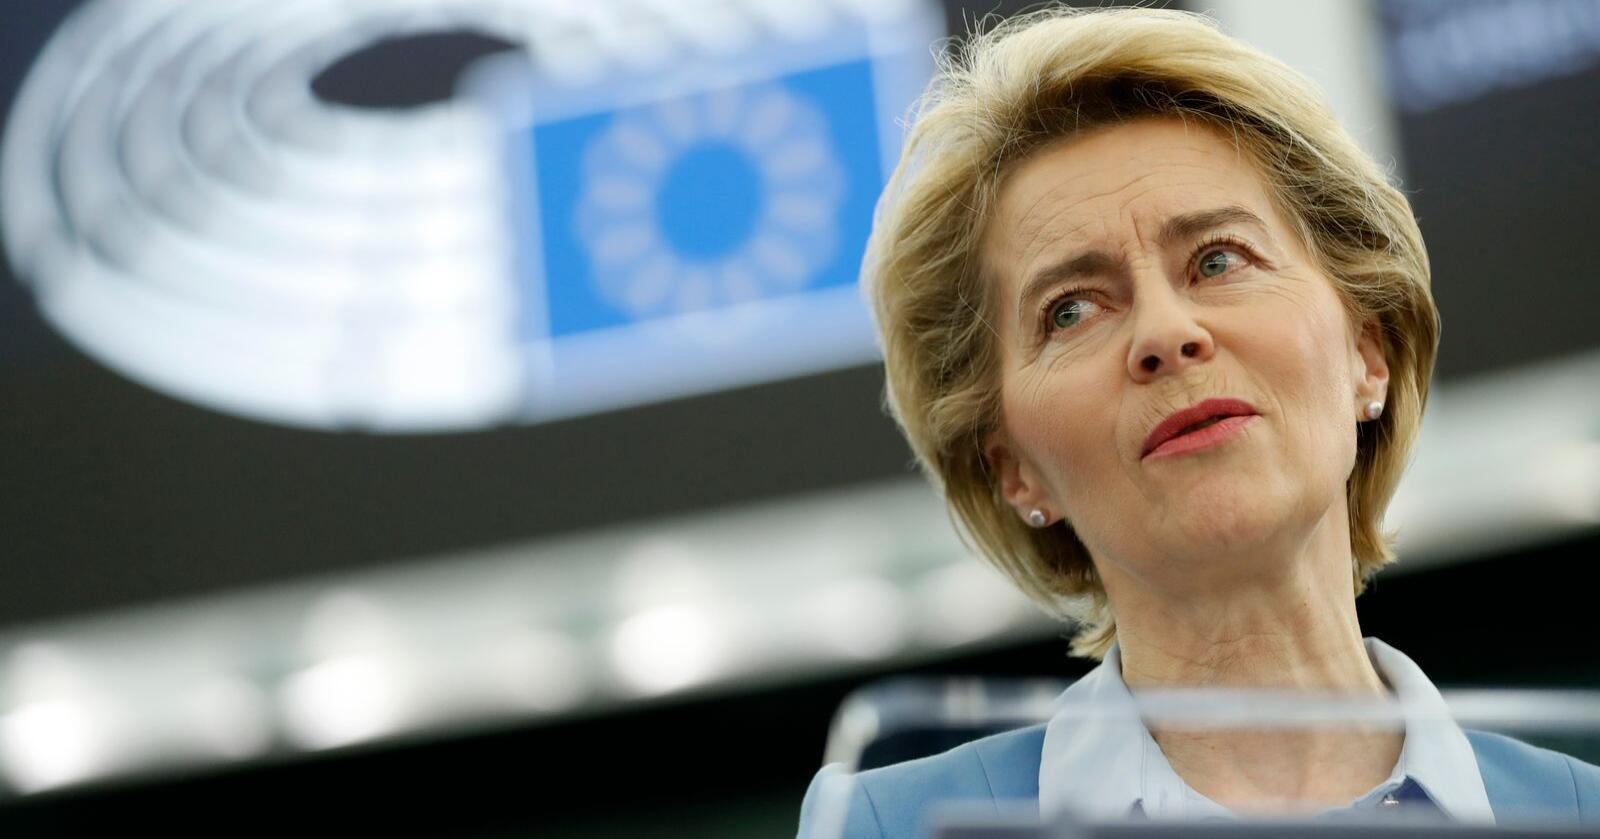 EU-kommisjonens nye president Ursula von der Leyen har lovet storstilt avkarbonisering av energisystemene i EU. Det betyr at også naturgass på sikt må ut. Foto: Jean-François Badias / AP / NTB scanpix